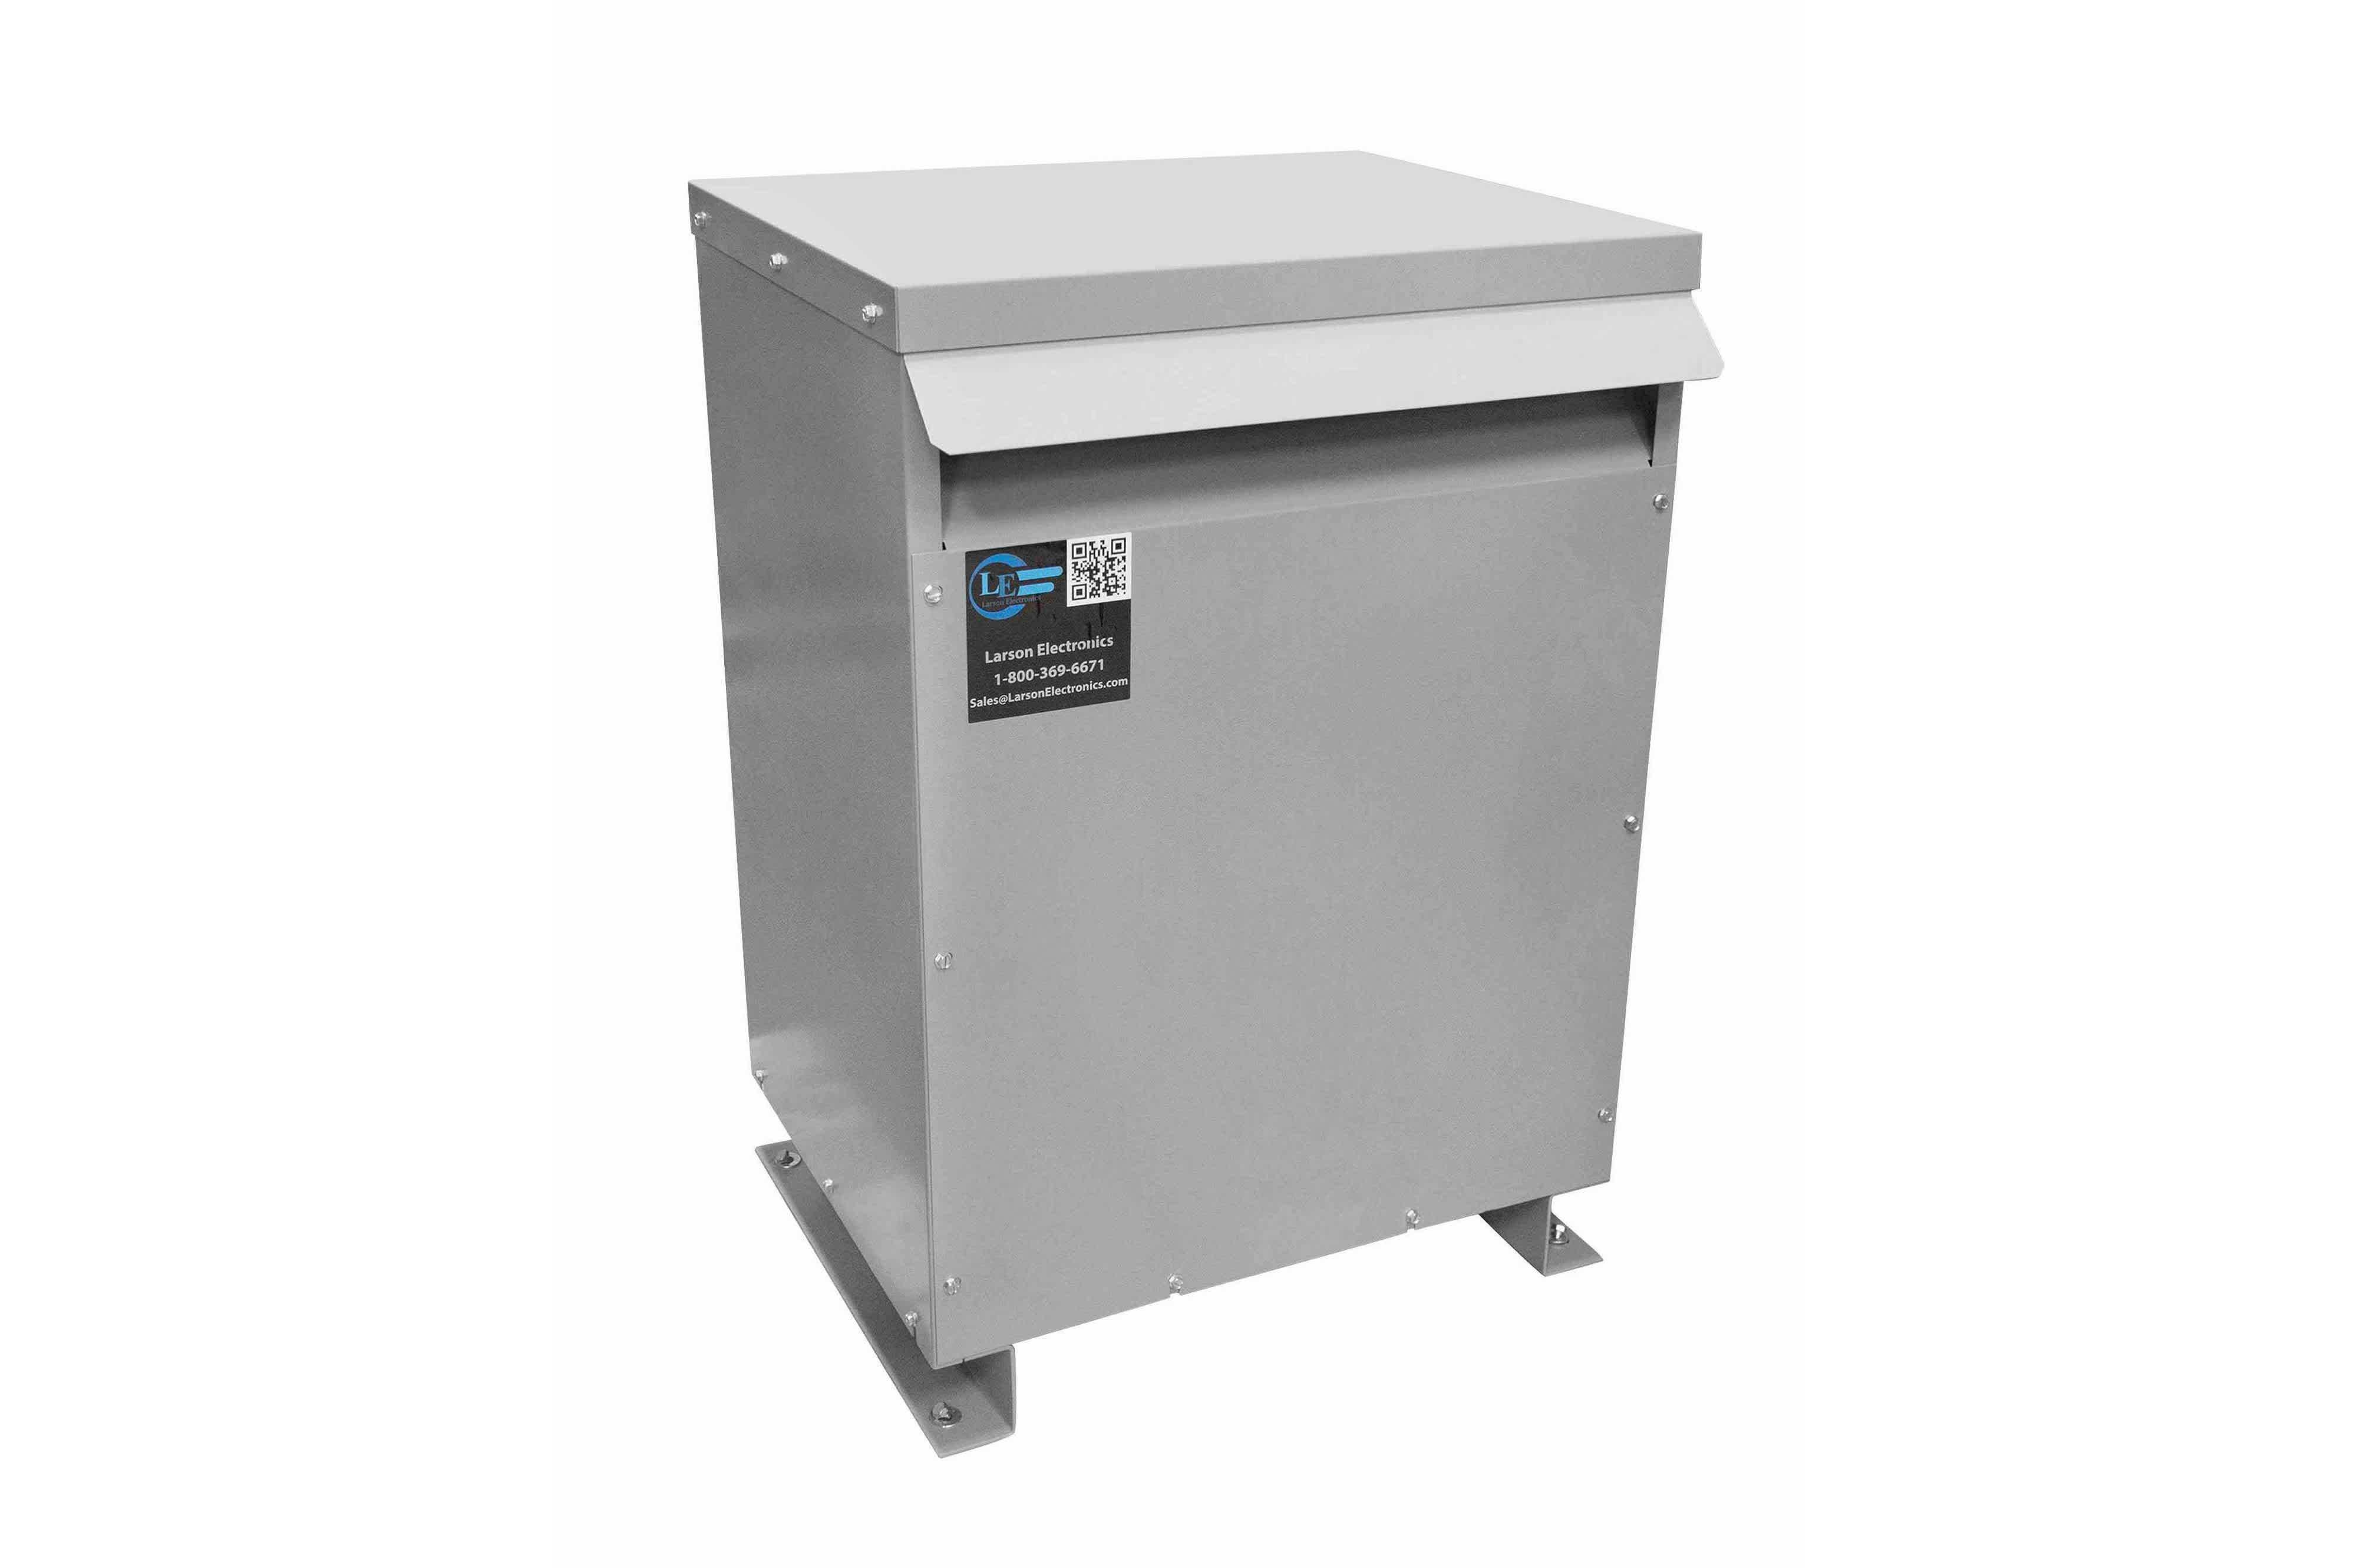 14 kVA 3PH Isolation Transformer, 600V Delta Primary, 208V Delta Secondary, N3R, Ventilated, 60 Hz